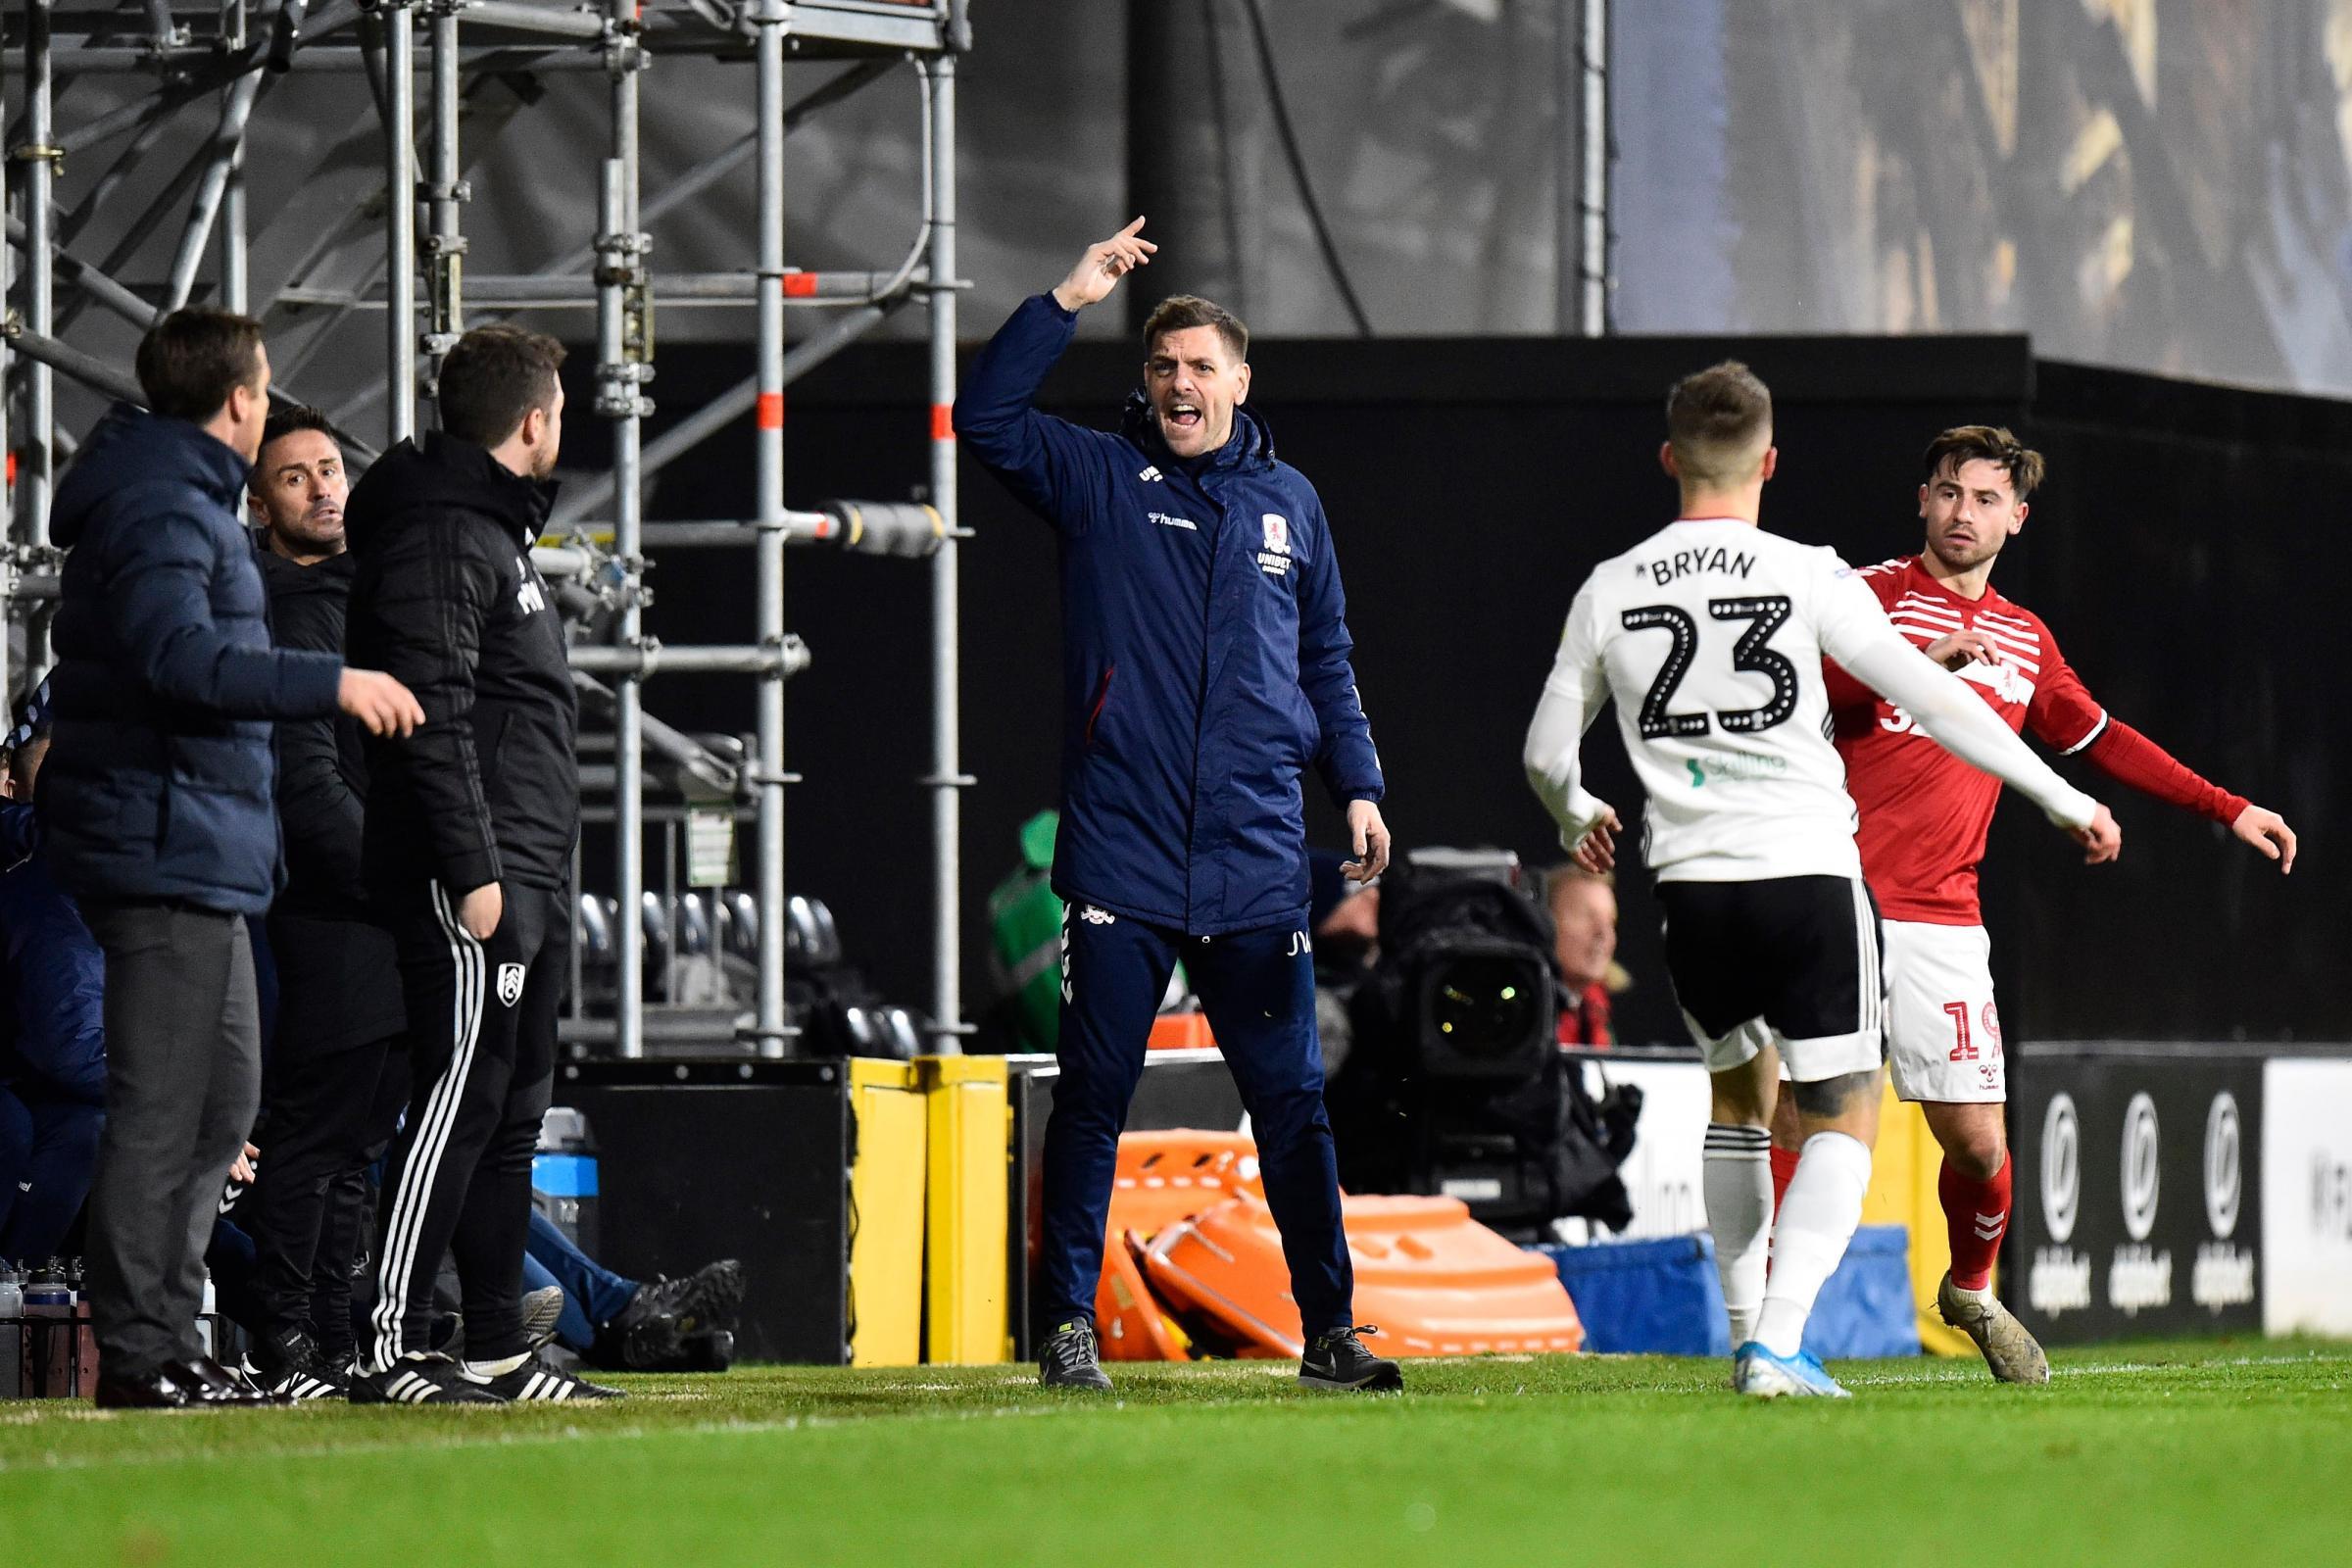 Middlesbrough targeting former West Ham defender Reece Oxford